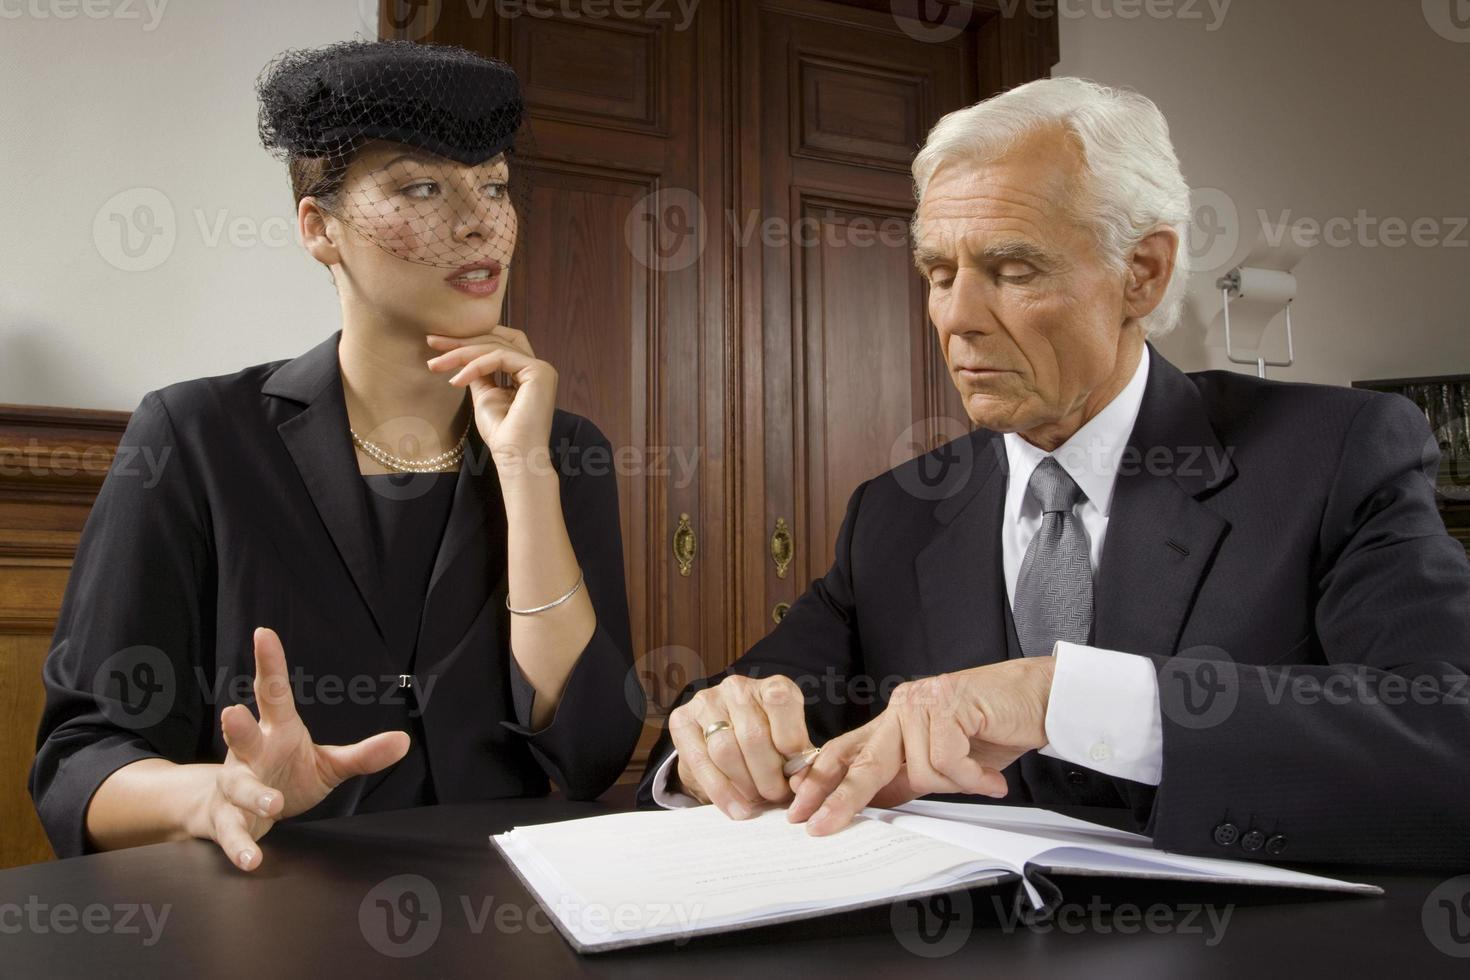 Witwe sitzt mit Anwalt foto